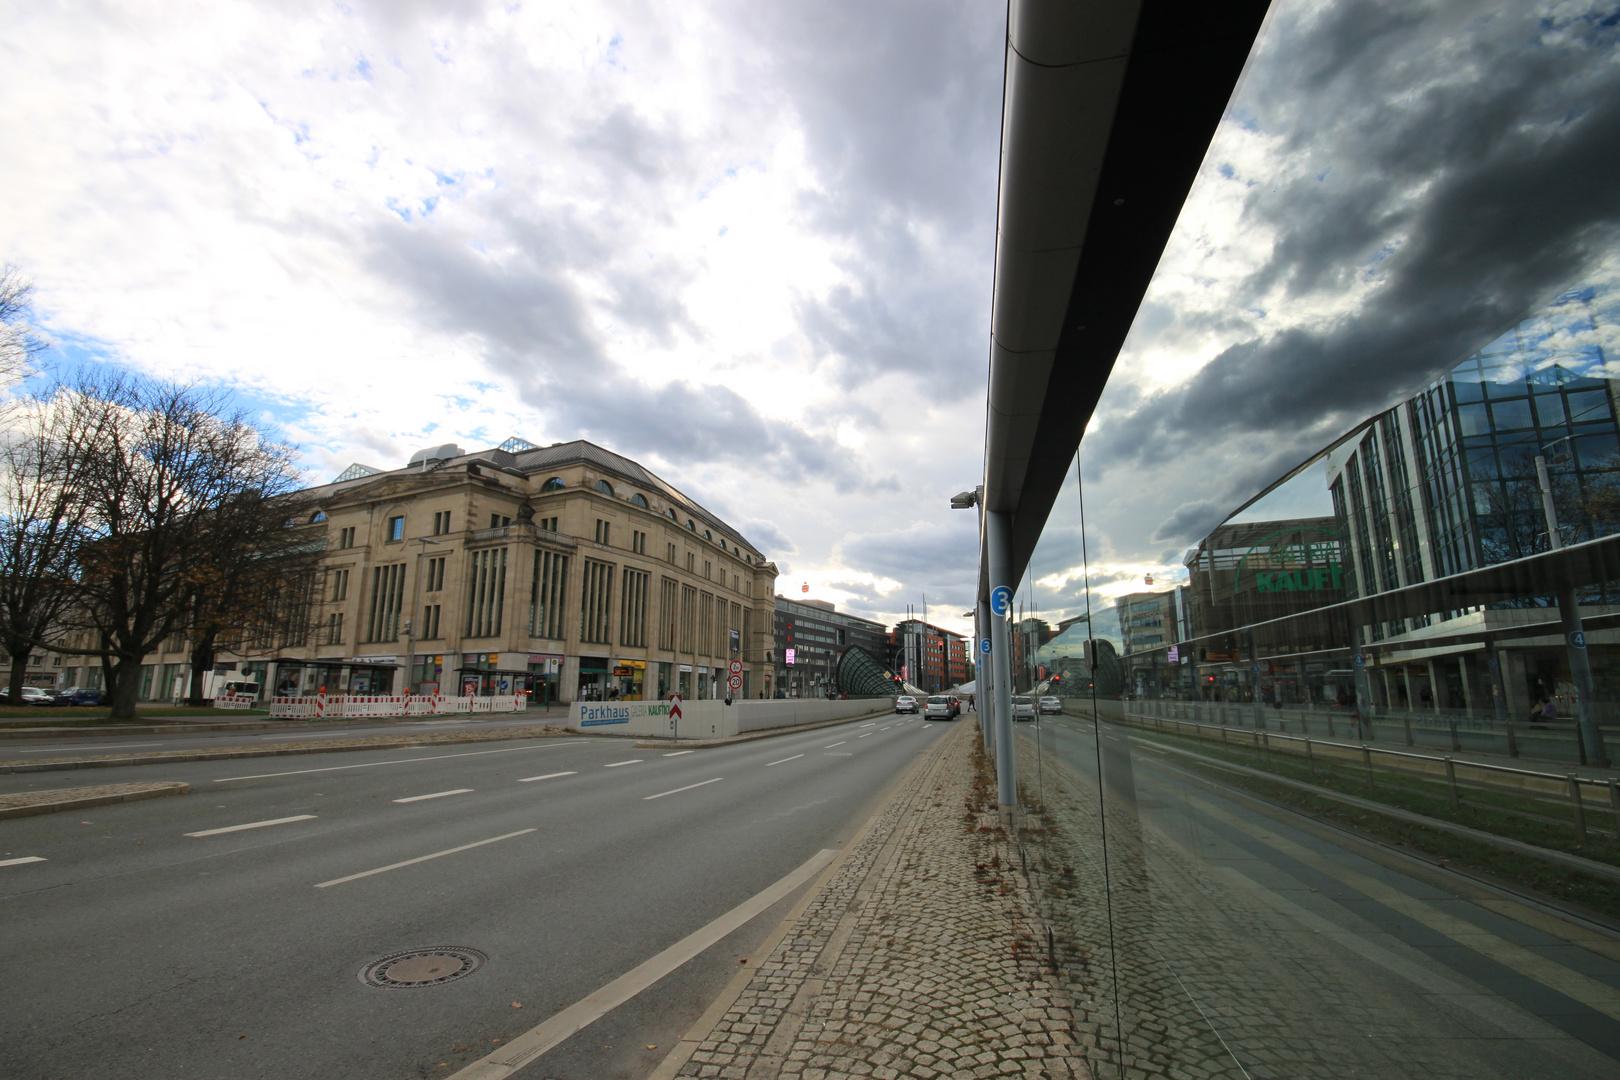 Spiegelungen in Chemnitz